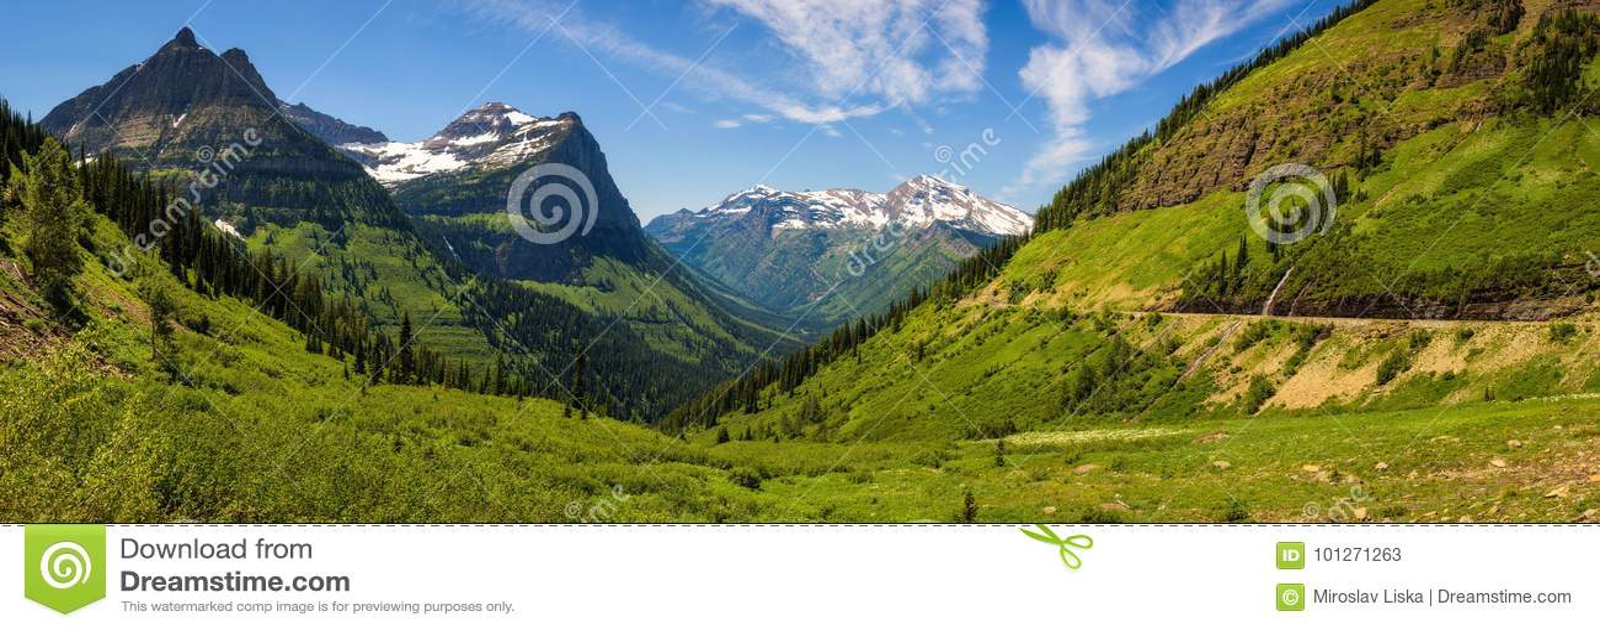 Opinión panorámica Logan Pass en el Parque Nacional Glacier, Montana